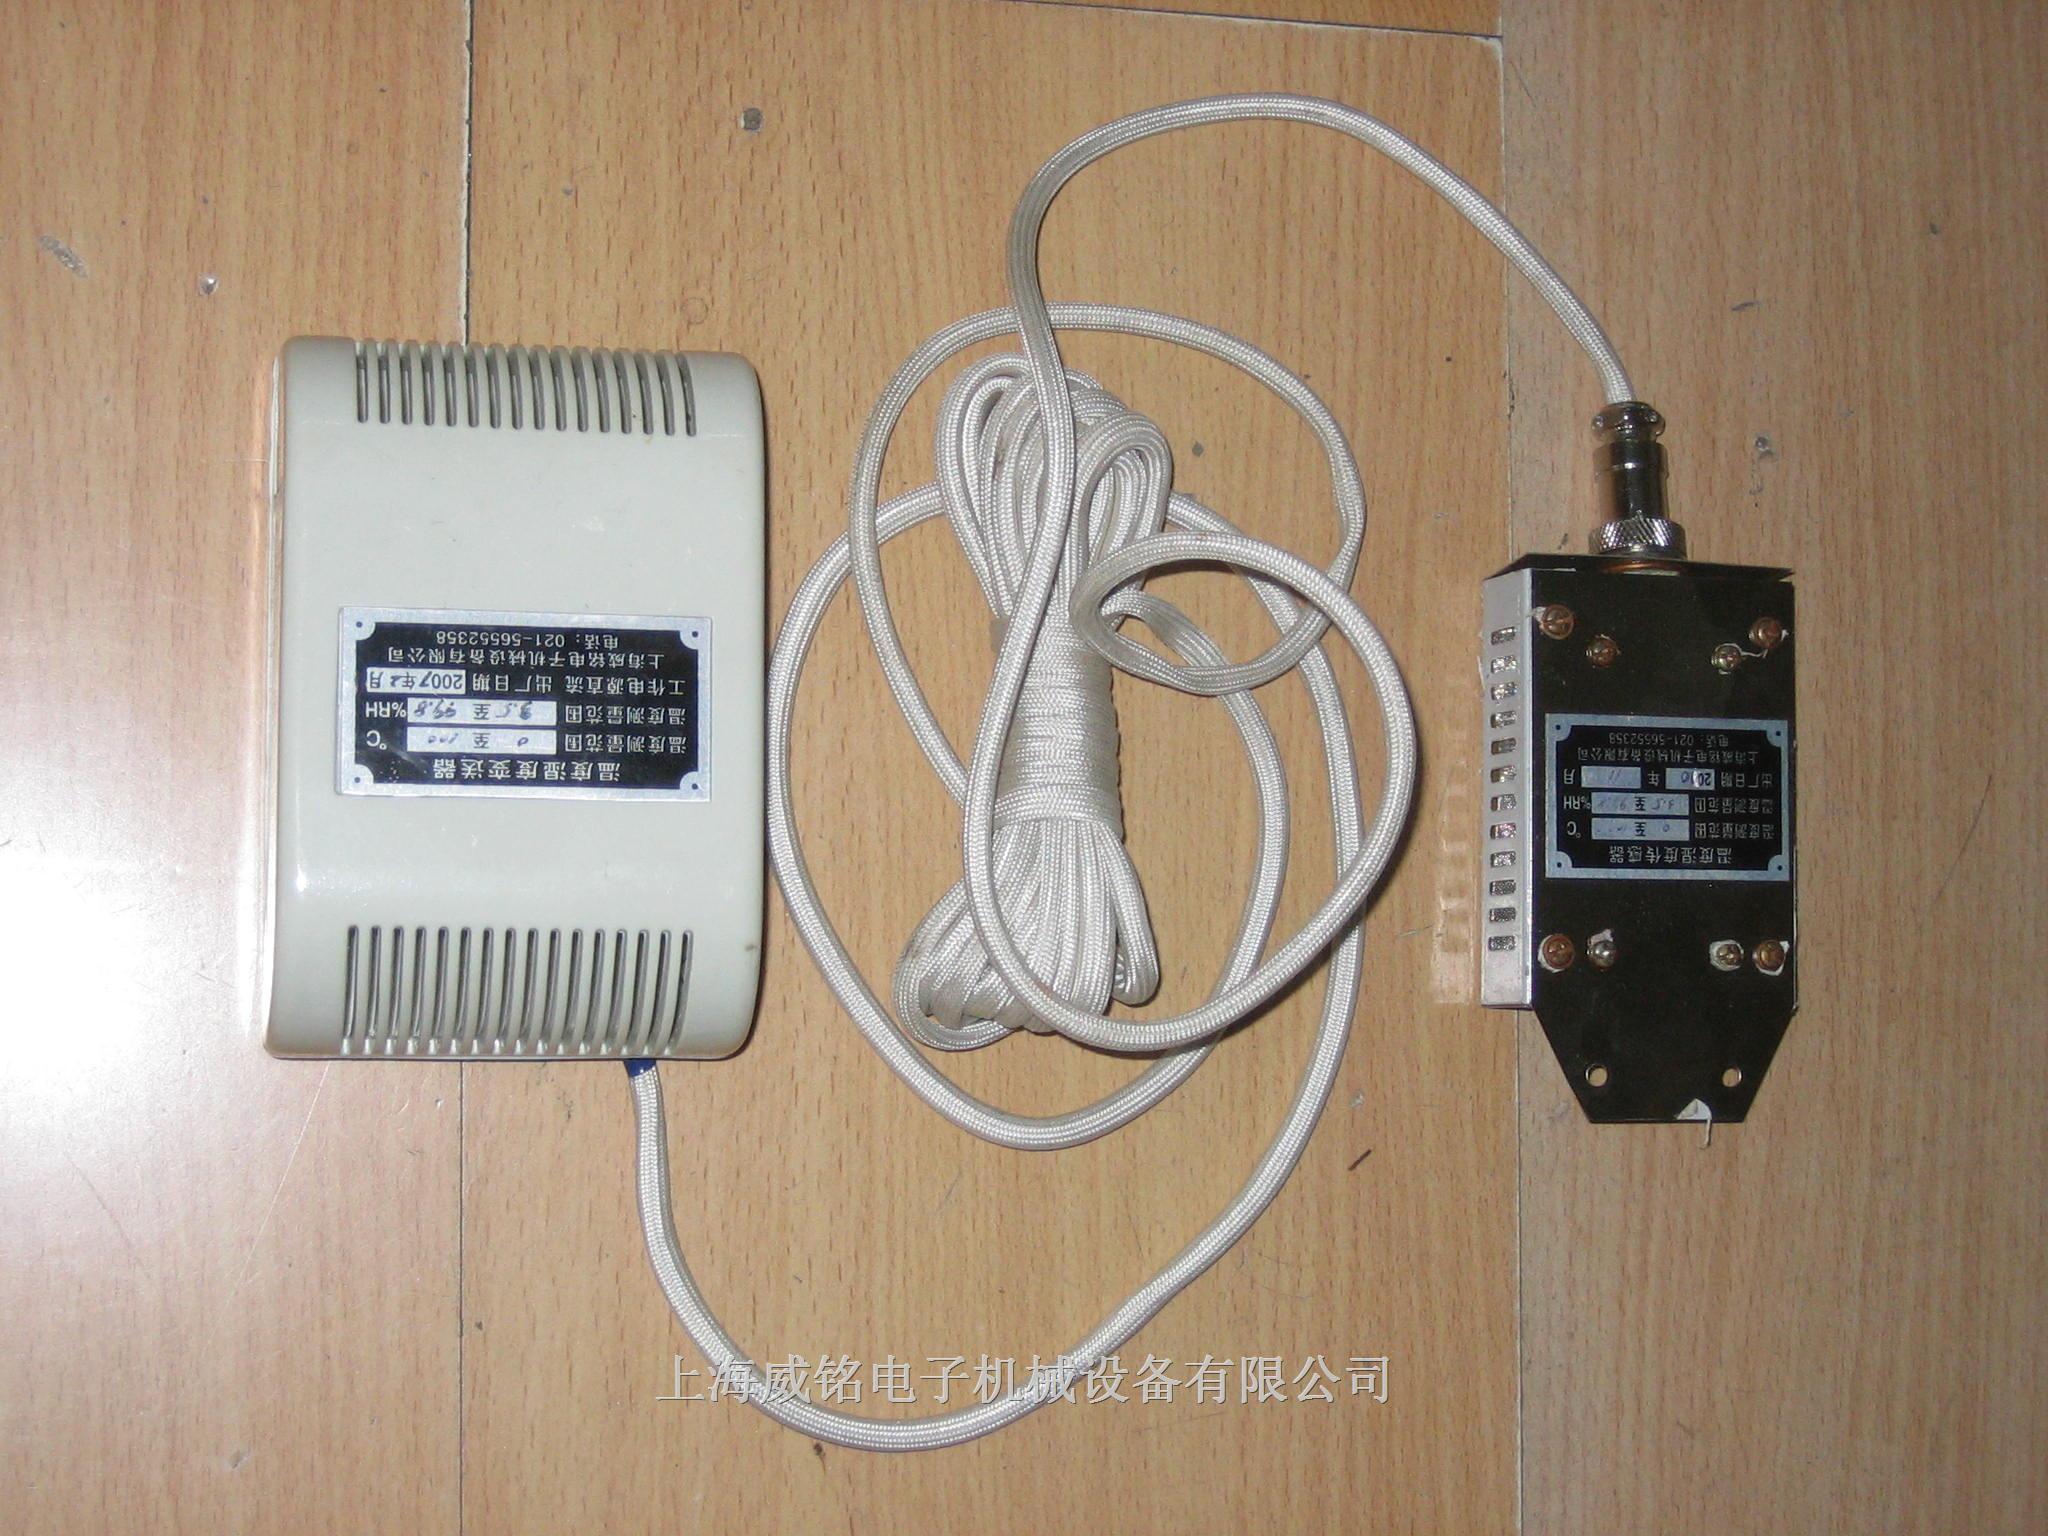 温湿度传感器 耐高温高湿耐腐蚀,自动热风除露 该传感器与我公司生产的 WLCHT-IID,AL-808,WM-809P64型温湿度测控仪表配套,性能达到了国内外一流水平,是目前相对湿度环境测试的最理想产品之一。 适用于工业、农业、医疗和科研的温湿度测控领域,能满足广大用户的要求。 在高低湿,高低溫等特殊环境下的使用(例如蓄电池极板固化室),更能显示出独具的优越性能。